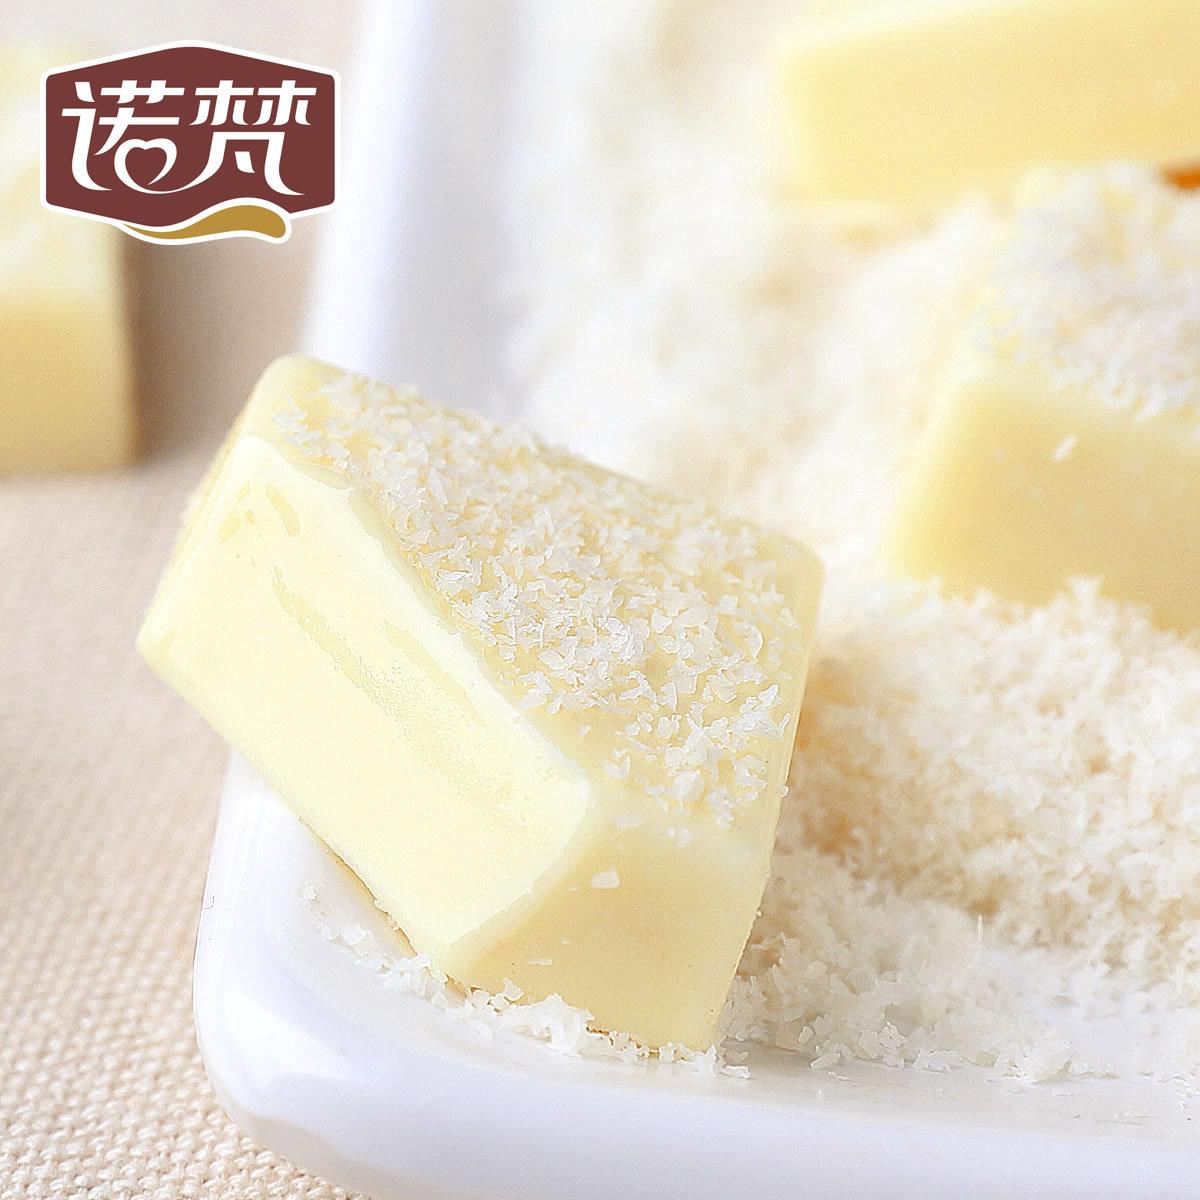 零食�Z梵松露形巧克力代可可脂牛奶椰香口味 400克年��Y盒 食品